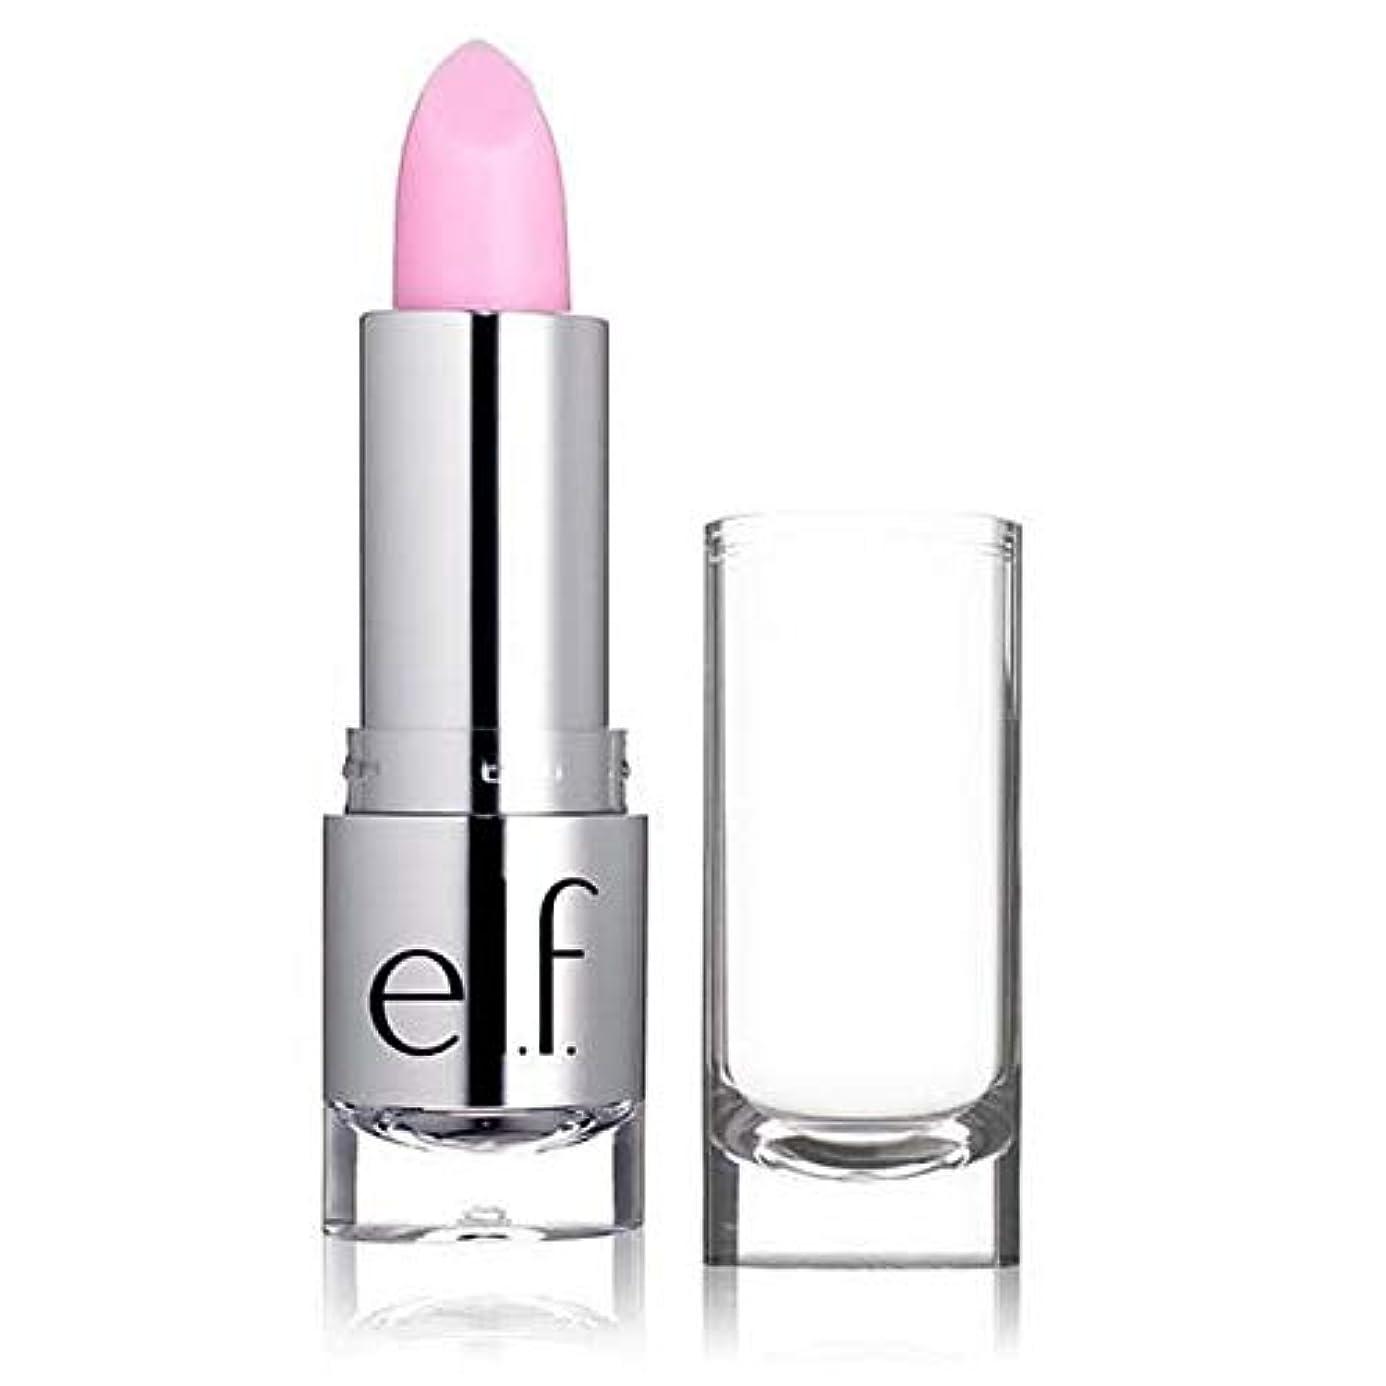 に頼る責任者権限[Elf ] エルフ。お奨めリップティント完璧なピンクグロー - e.l.f. Gotta Glow Lip Tint Perfect Pink [並行輸入品]